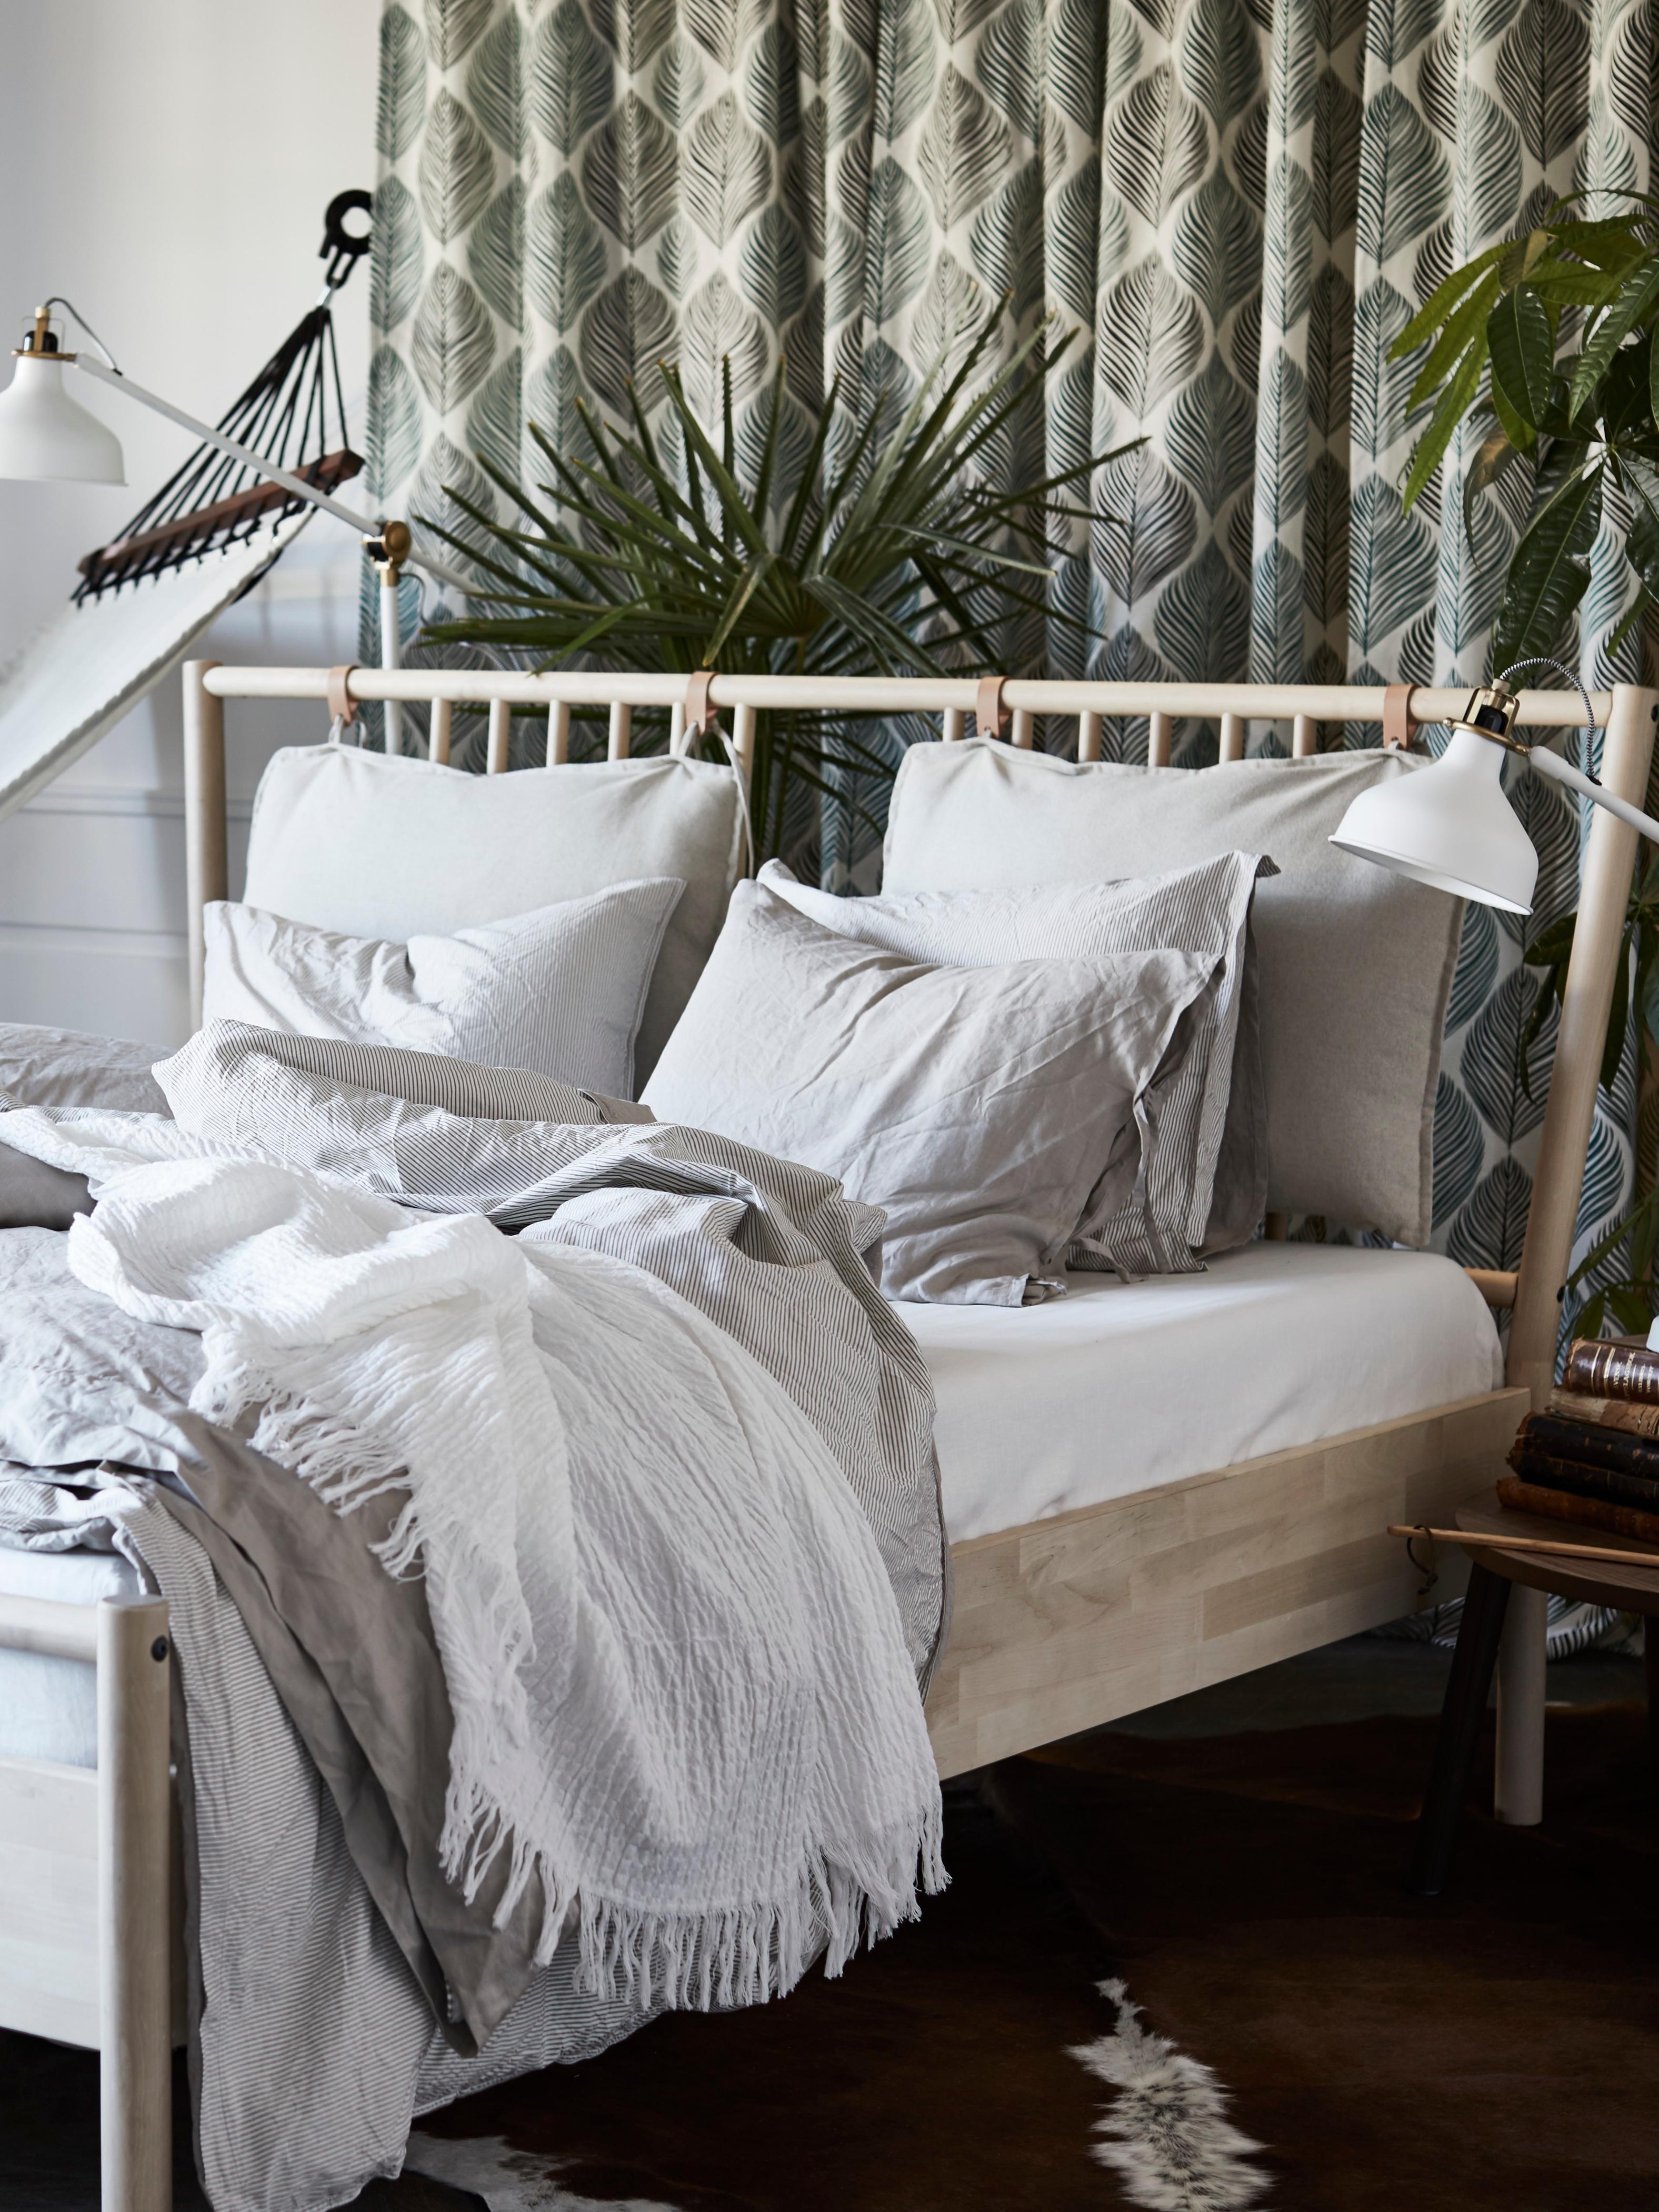 Estrutura de cama BJÖRKSNÄS em bétula, com capa para edredão em bege, em cima de tapete em pele de vaca, junto a cama de rede num quarto com plantas.